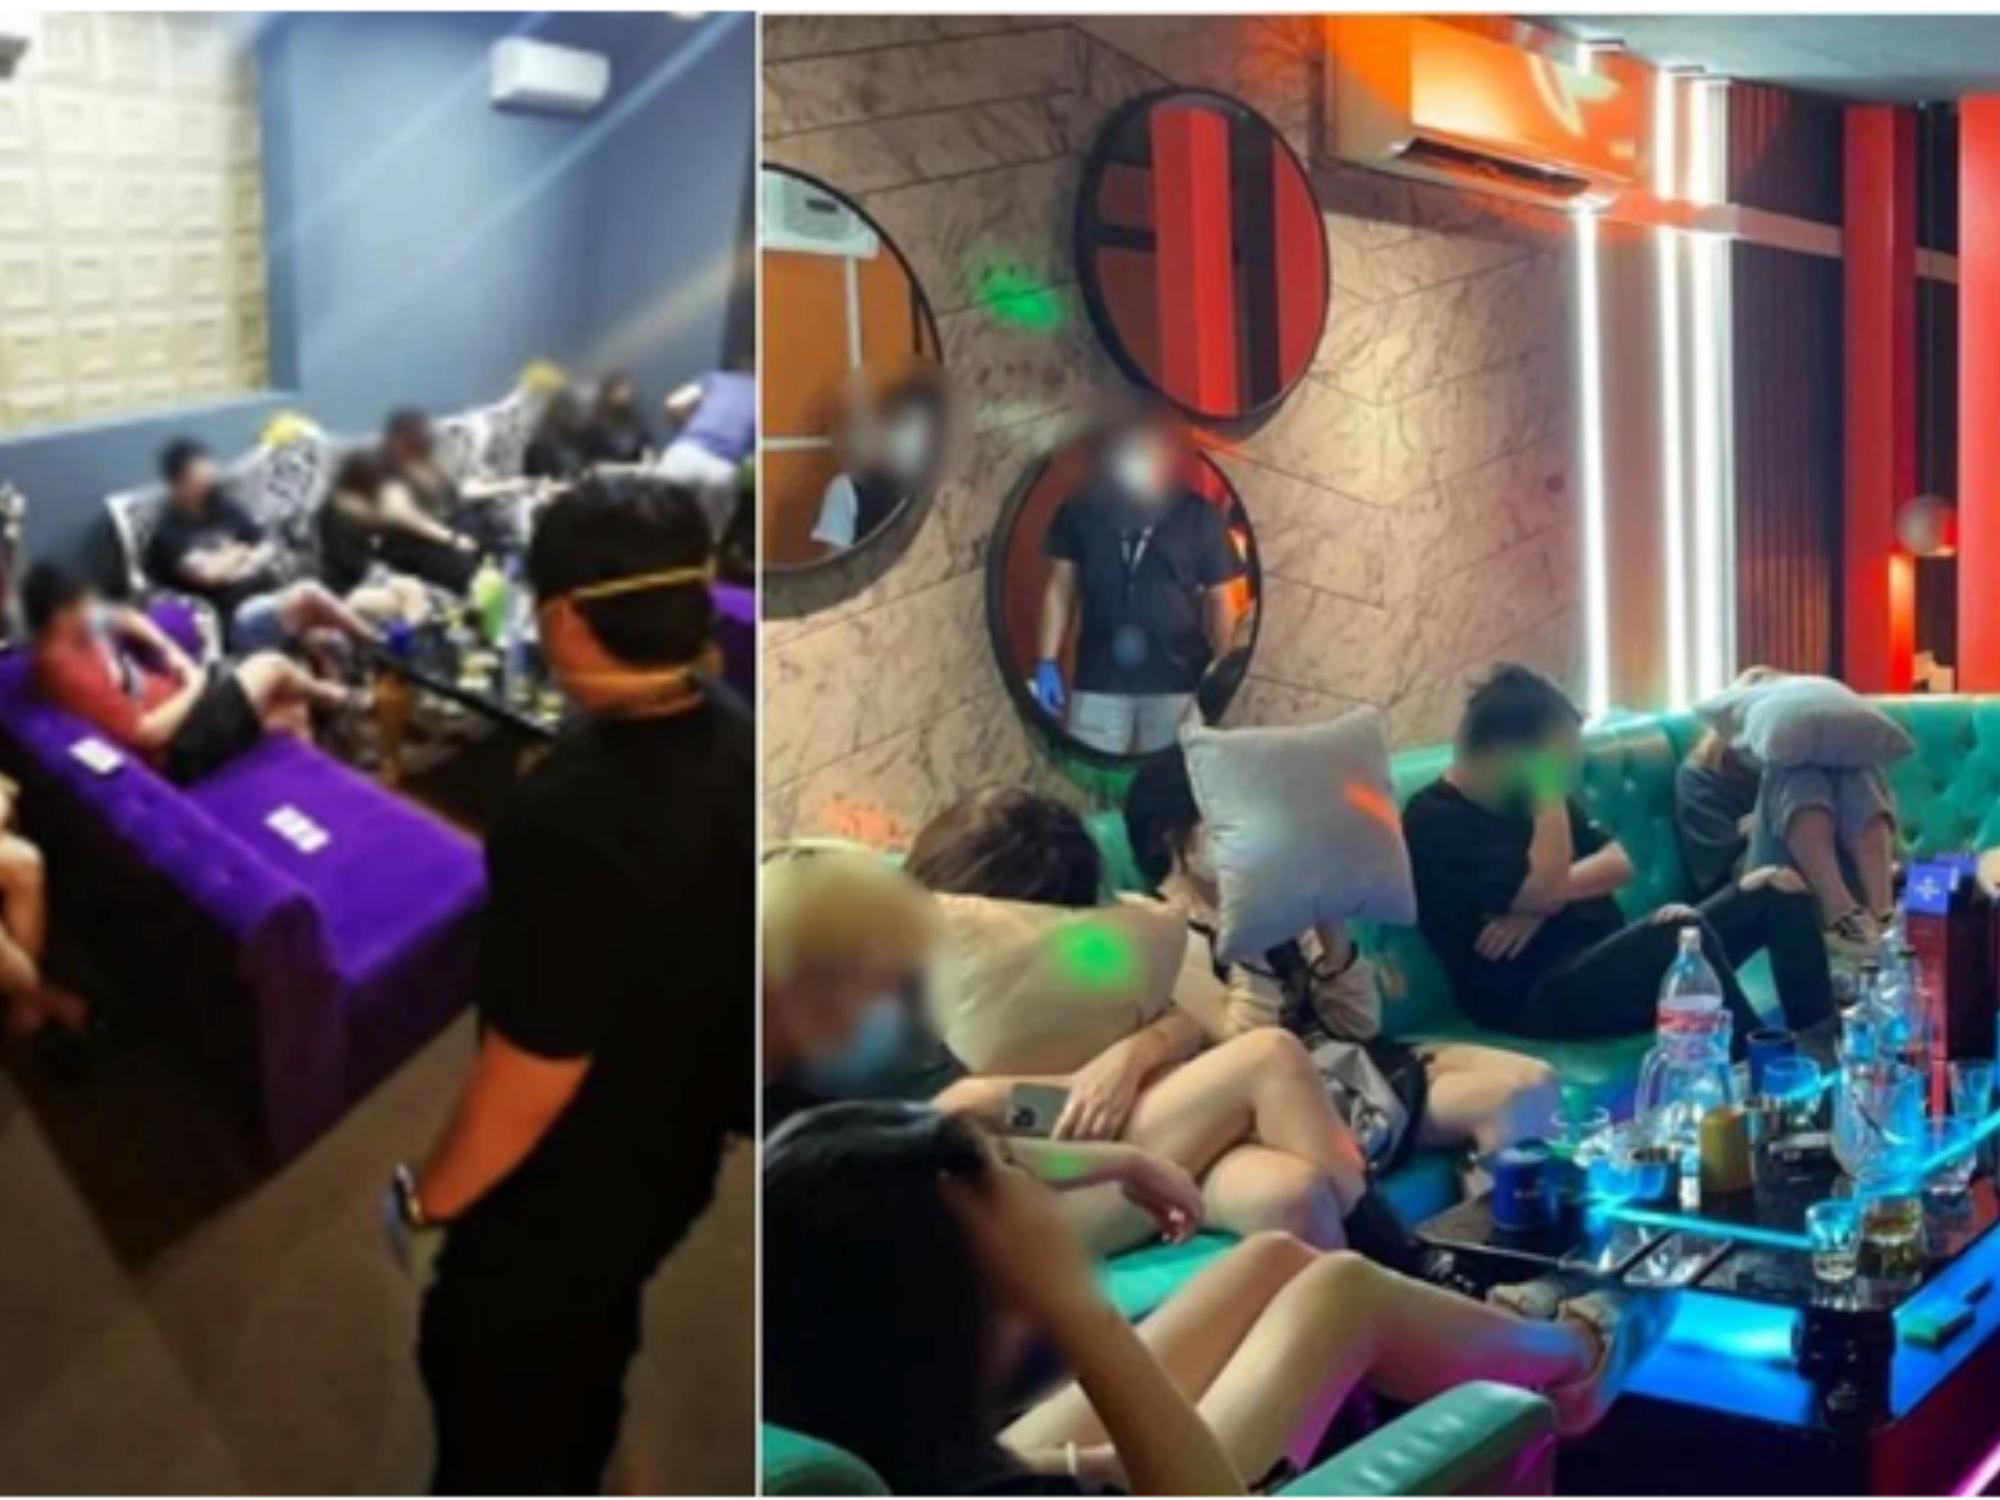 Ngỡ ngàng khi phát hiện cảnh 'vui chơi thác loạn', mát xa, không đeo khẩu trang giữa mùa dịch bệnh, 84 người bị cảnh sát Singapore bắt giữ